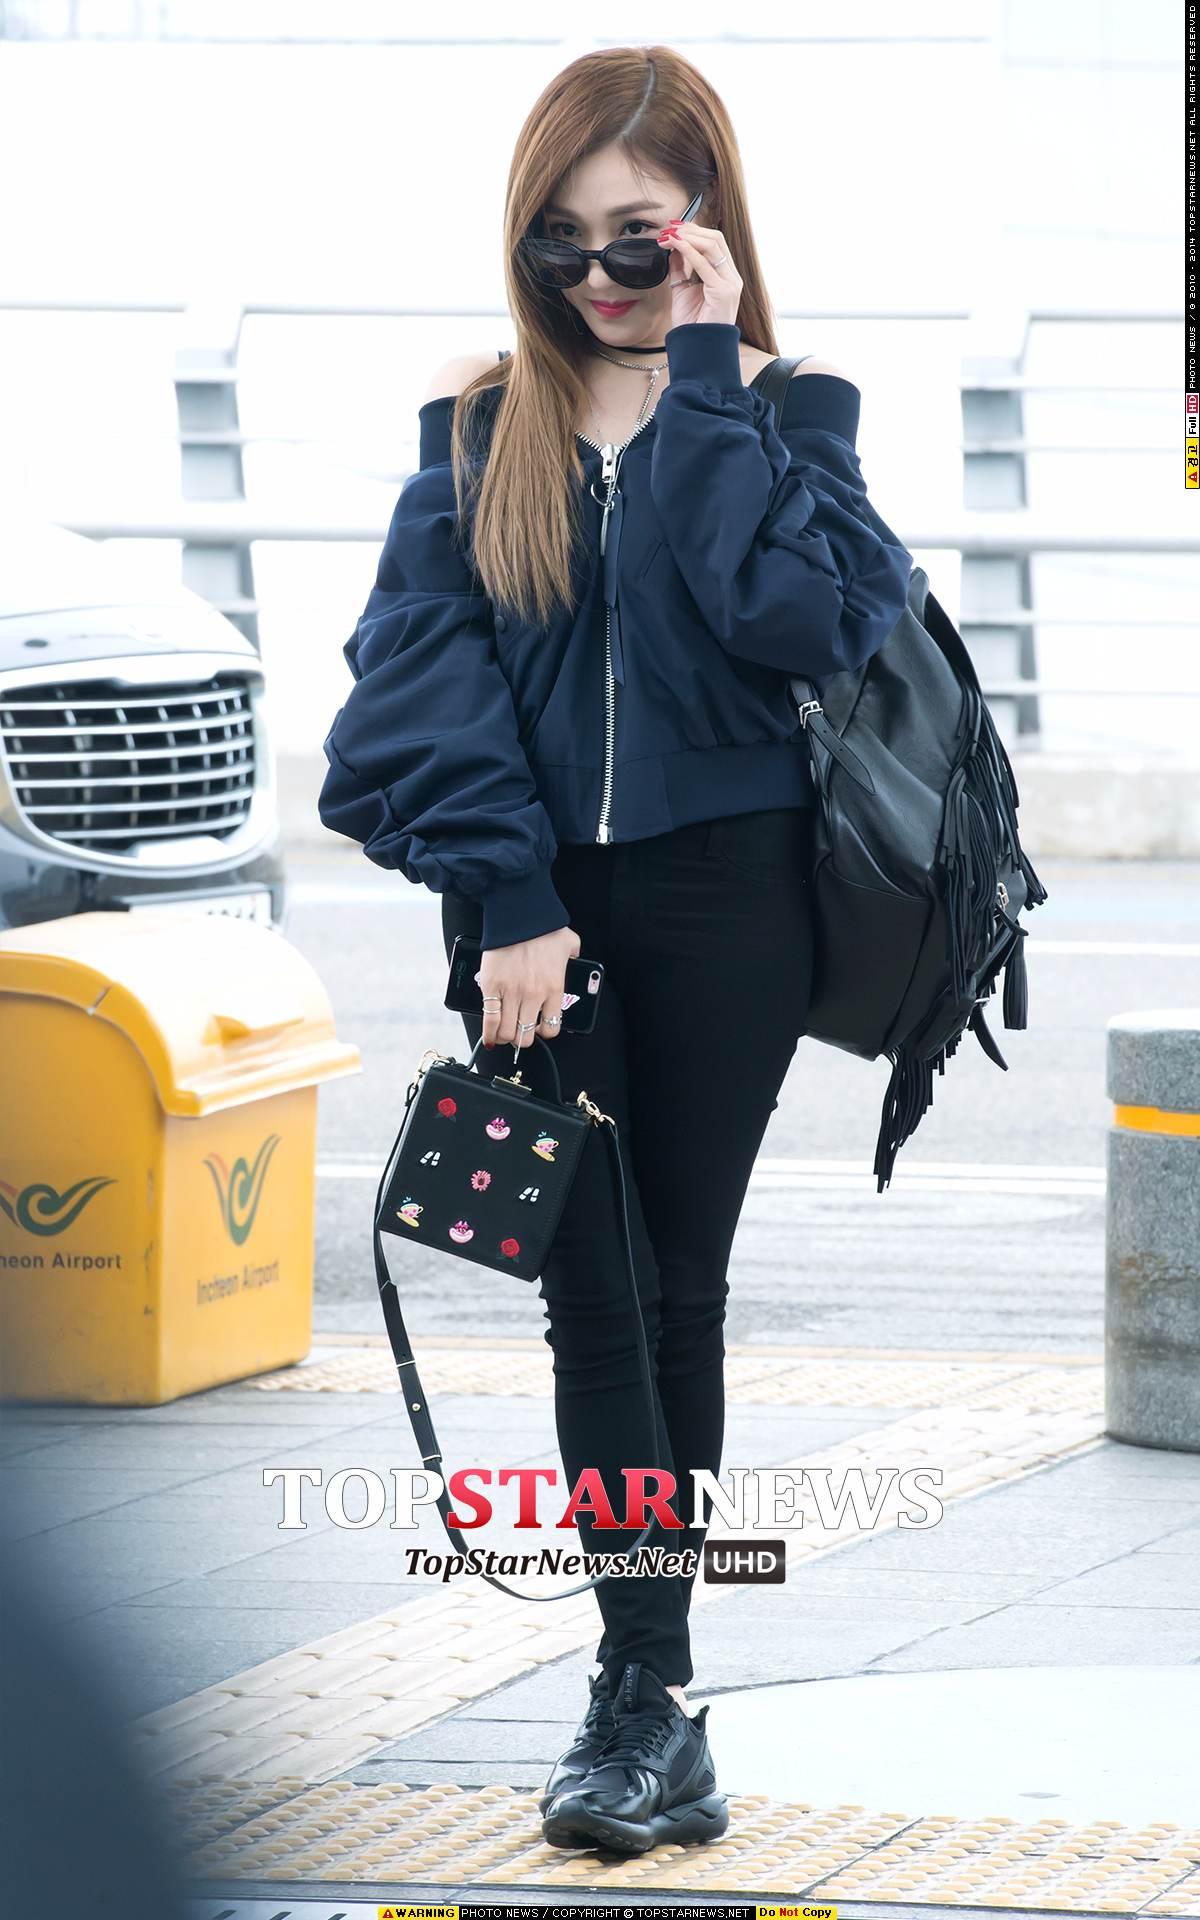 少女時代 - Tiffany 黑褲配黑鞋,整個氣場很強!